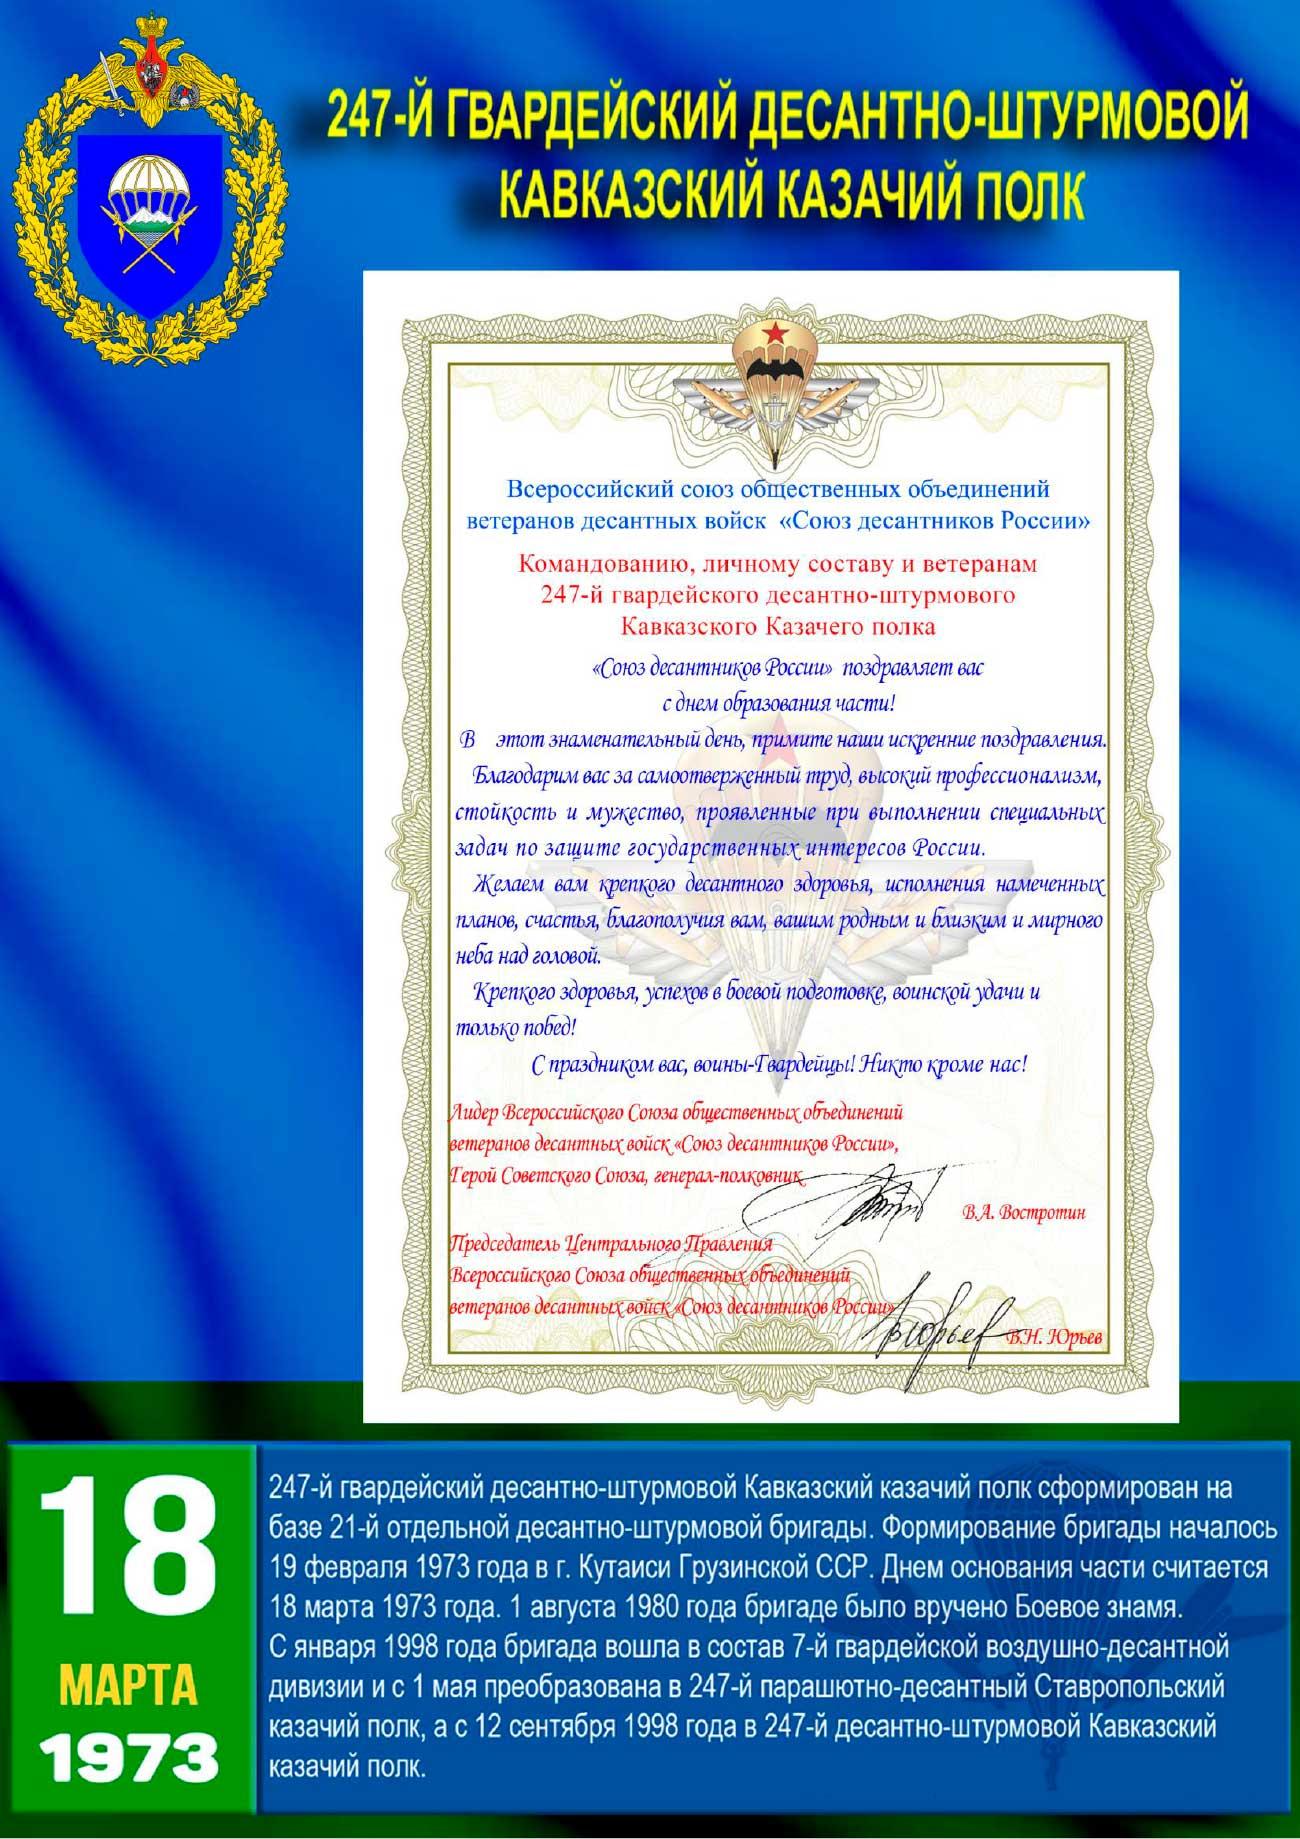 Поздравляем 247-й Гвардейский Десантно-Штурмовой Кавказский Казачий полк